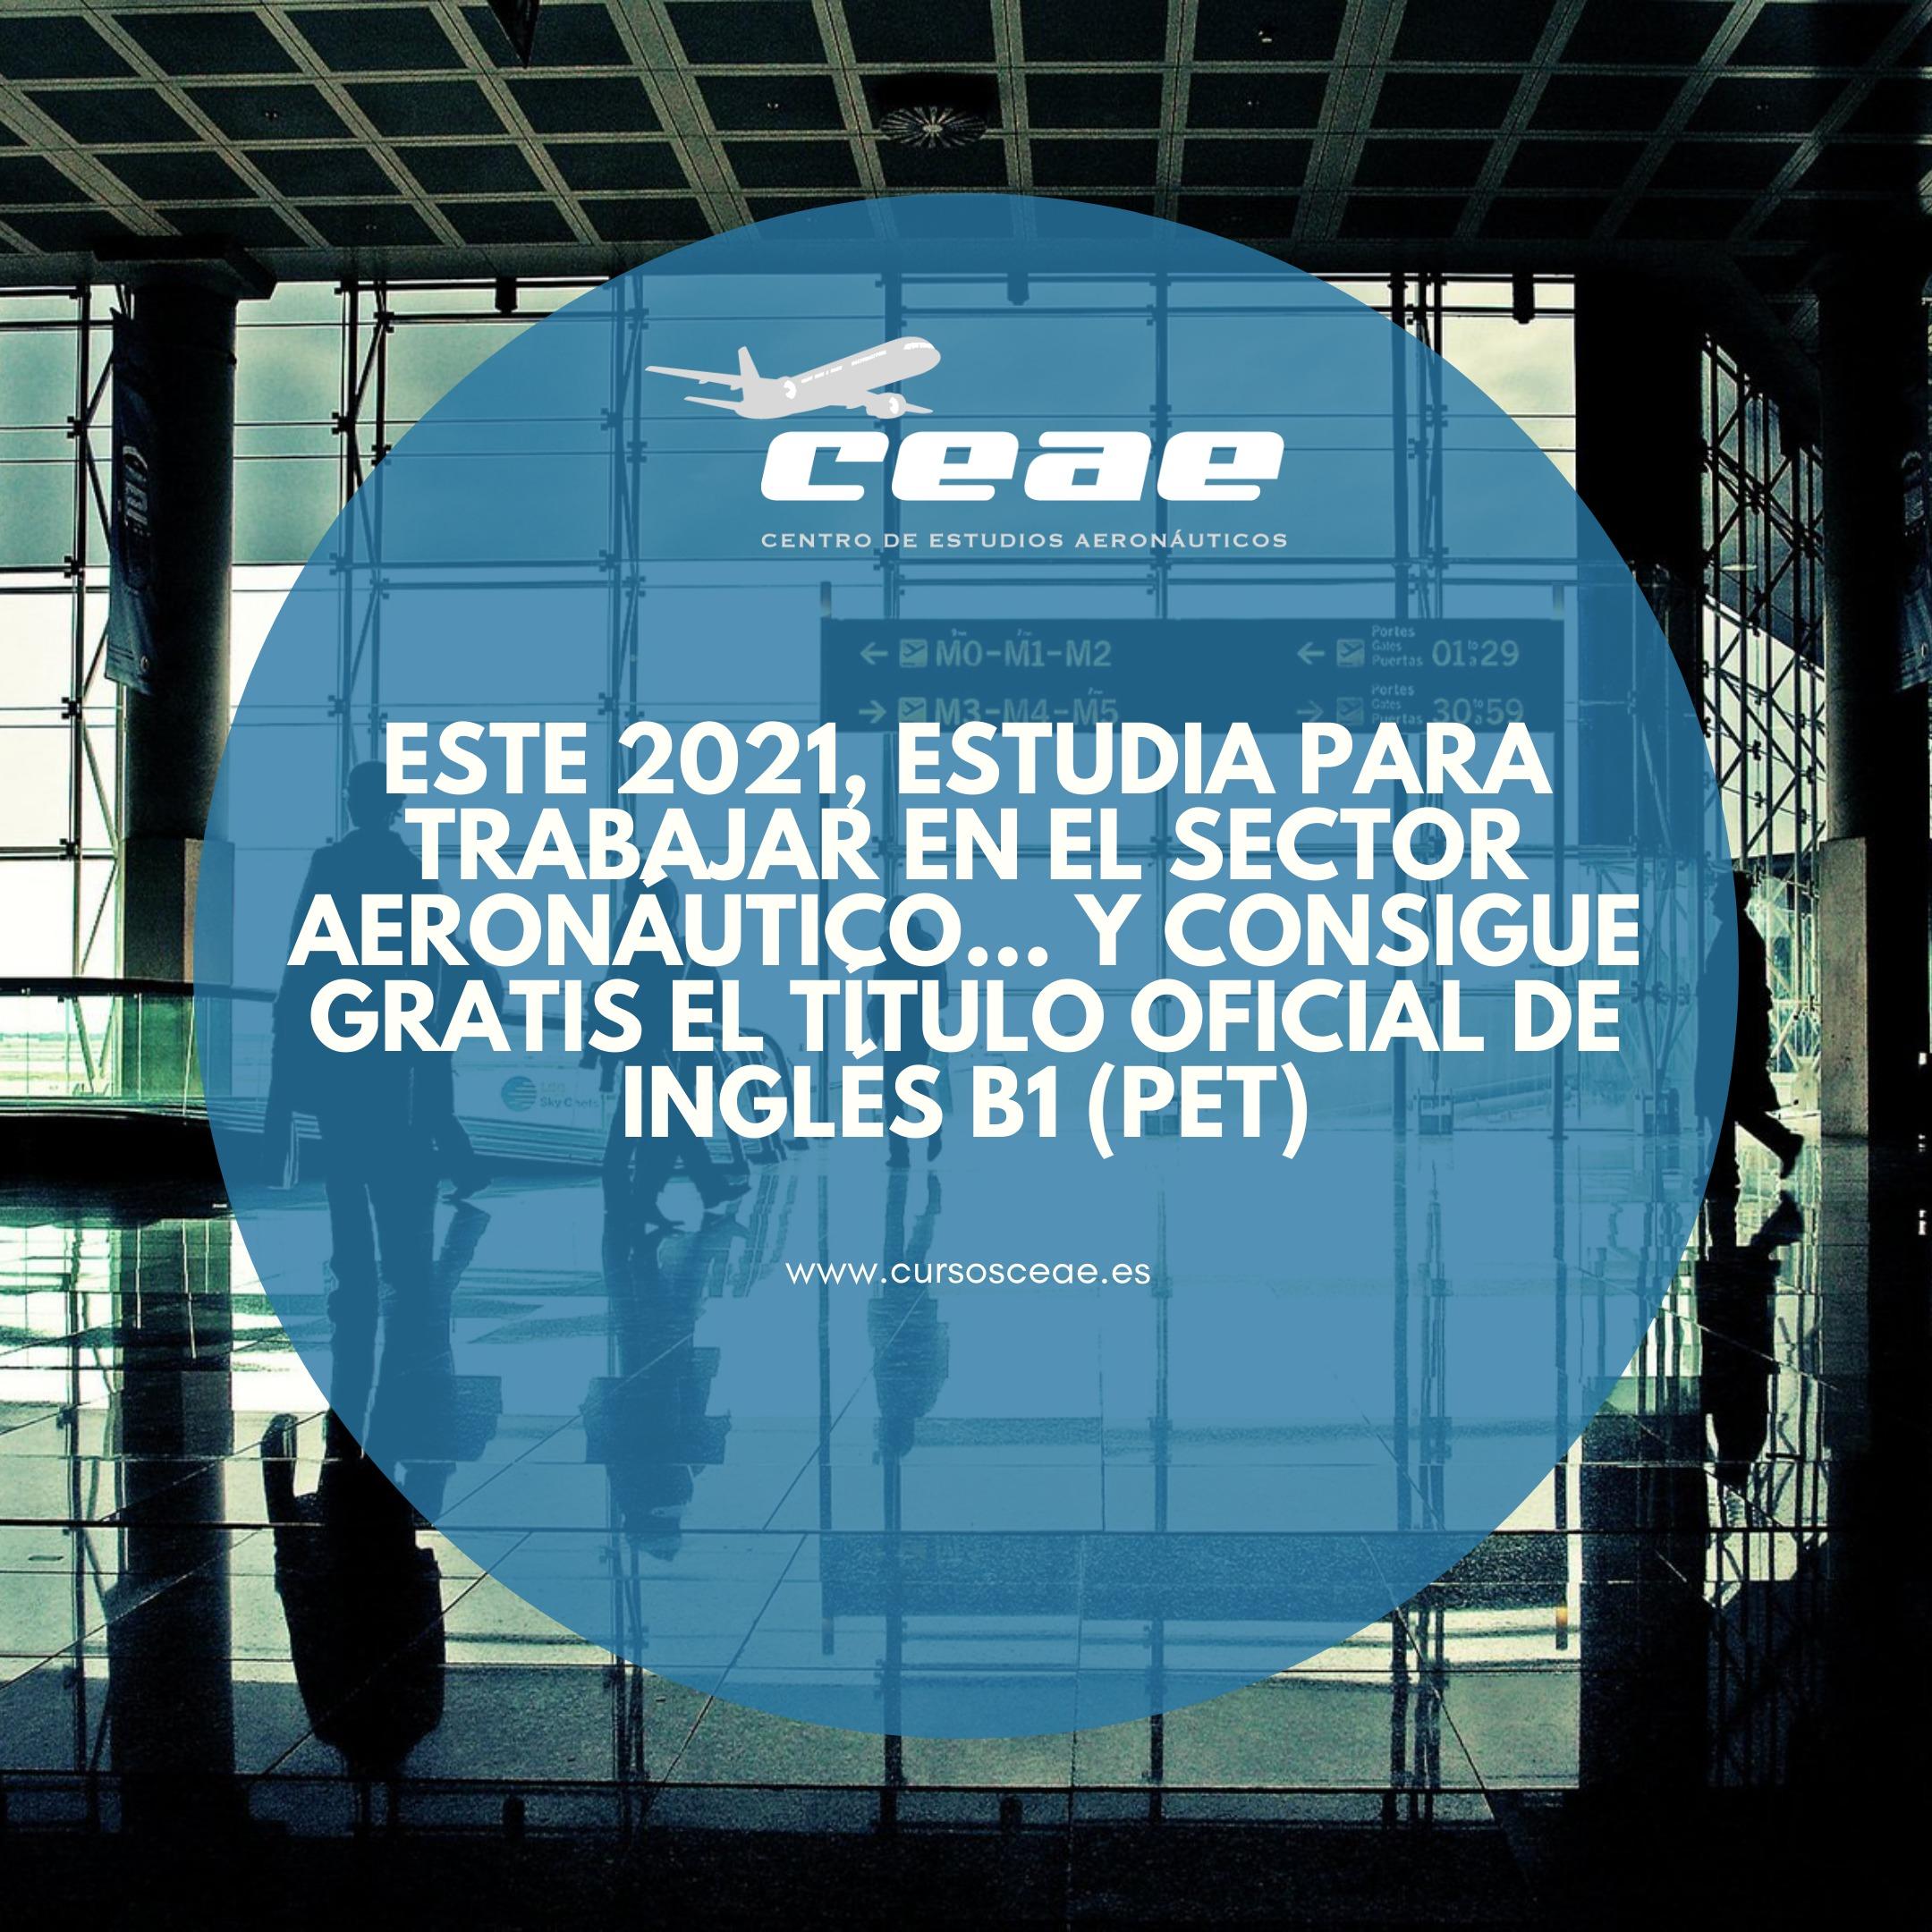 Este 2021, estudia para trabajar en el sector aeronáutico… Y consigue gratis el título oficial de inglés B1 (PET)